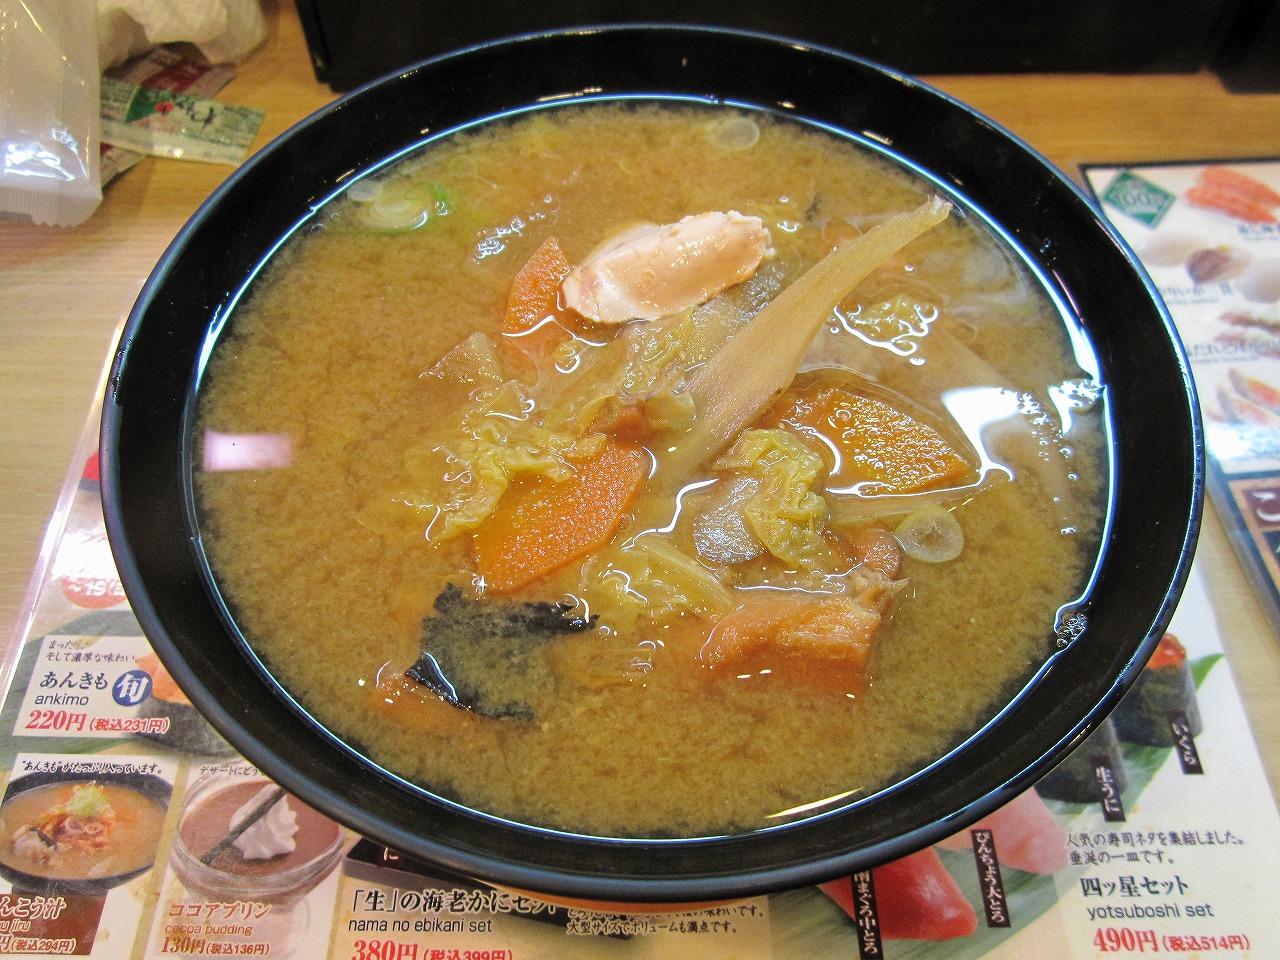 平禄寿司 池袋西口店